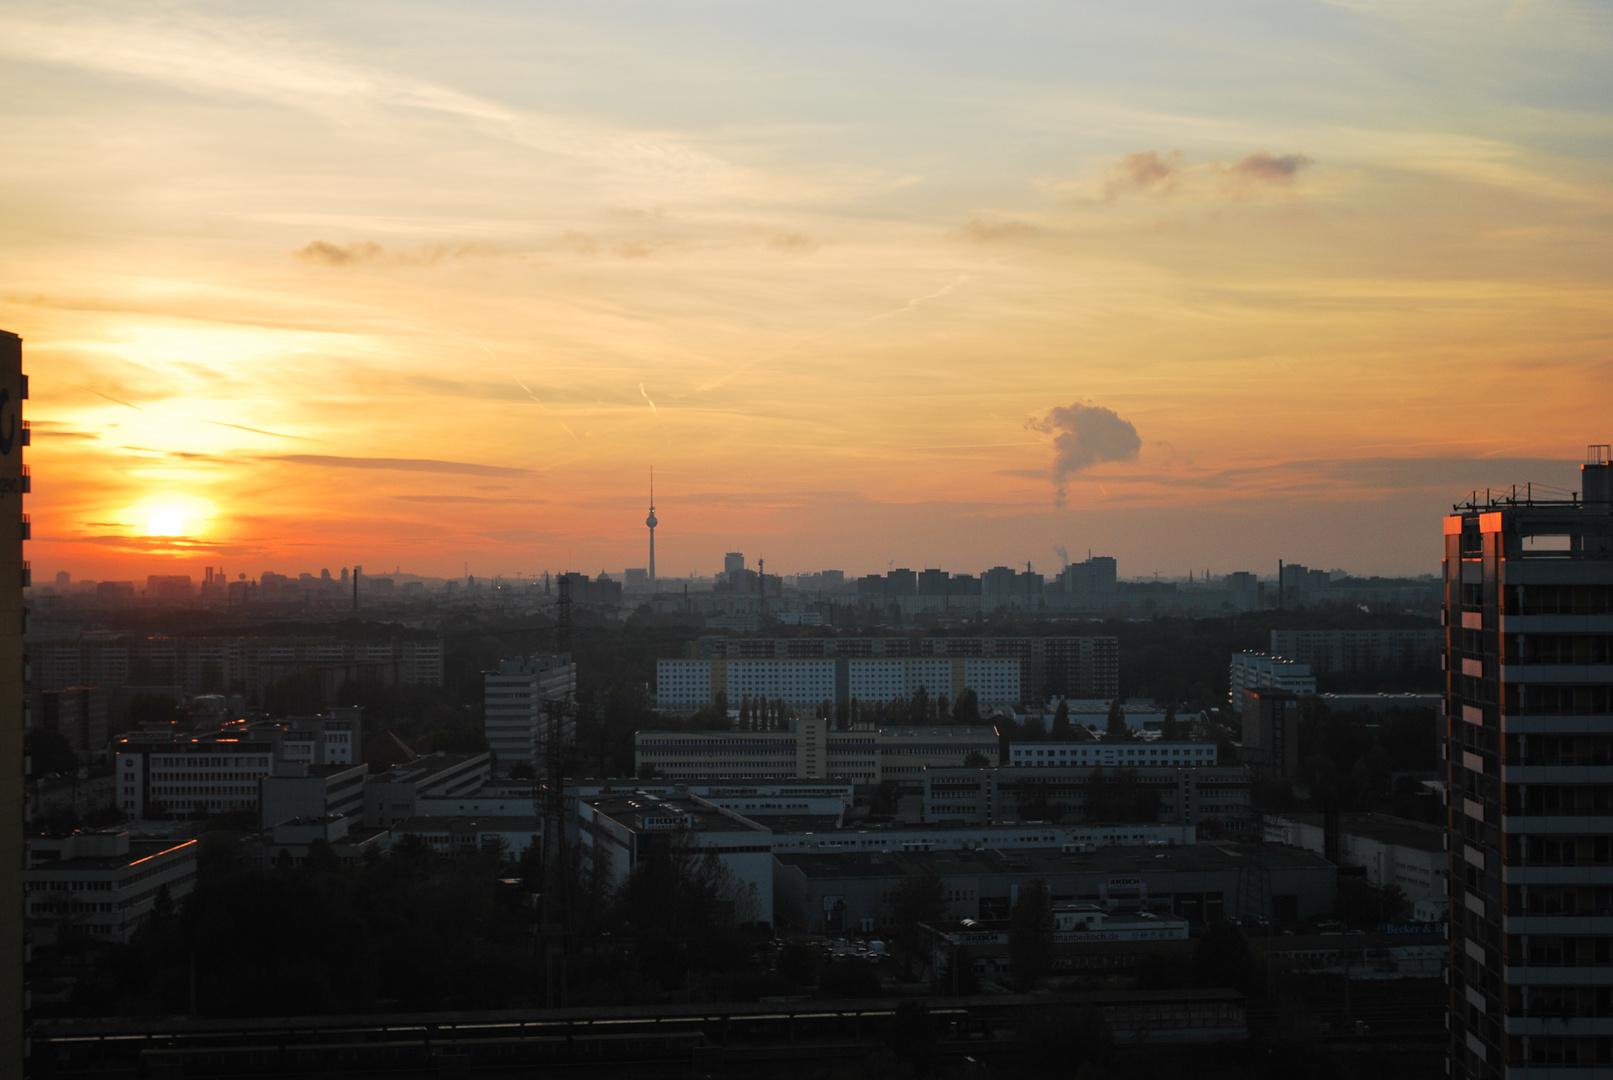 Der Abend senk sich über die Dächer von Berlin